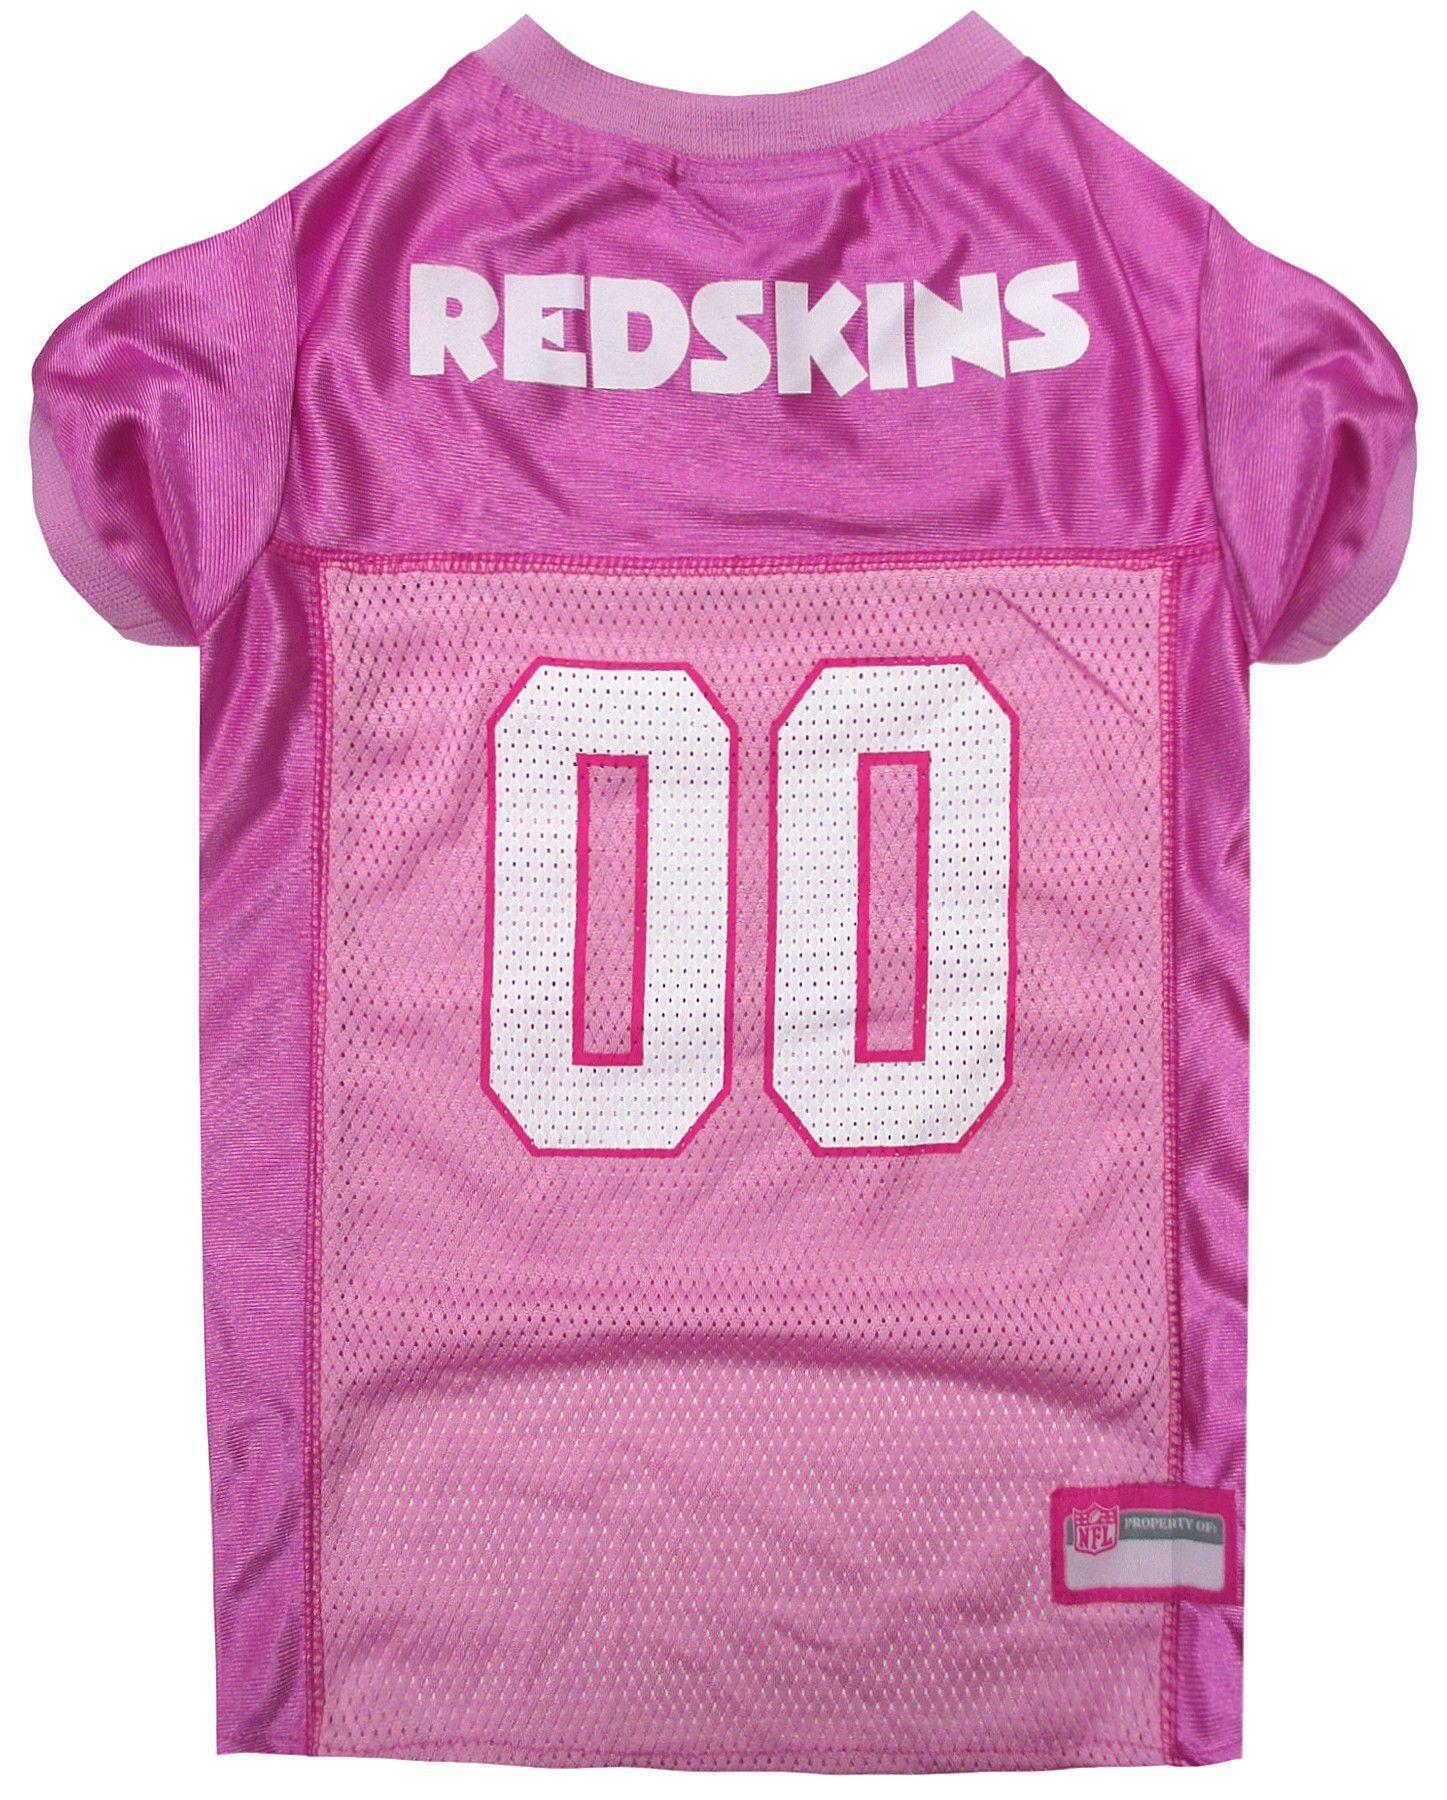 Washington Redskins Pet Mesh Football Jersey in Pink  79fae722d